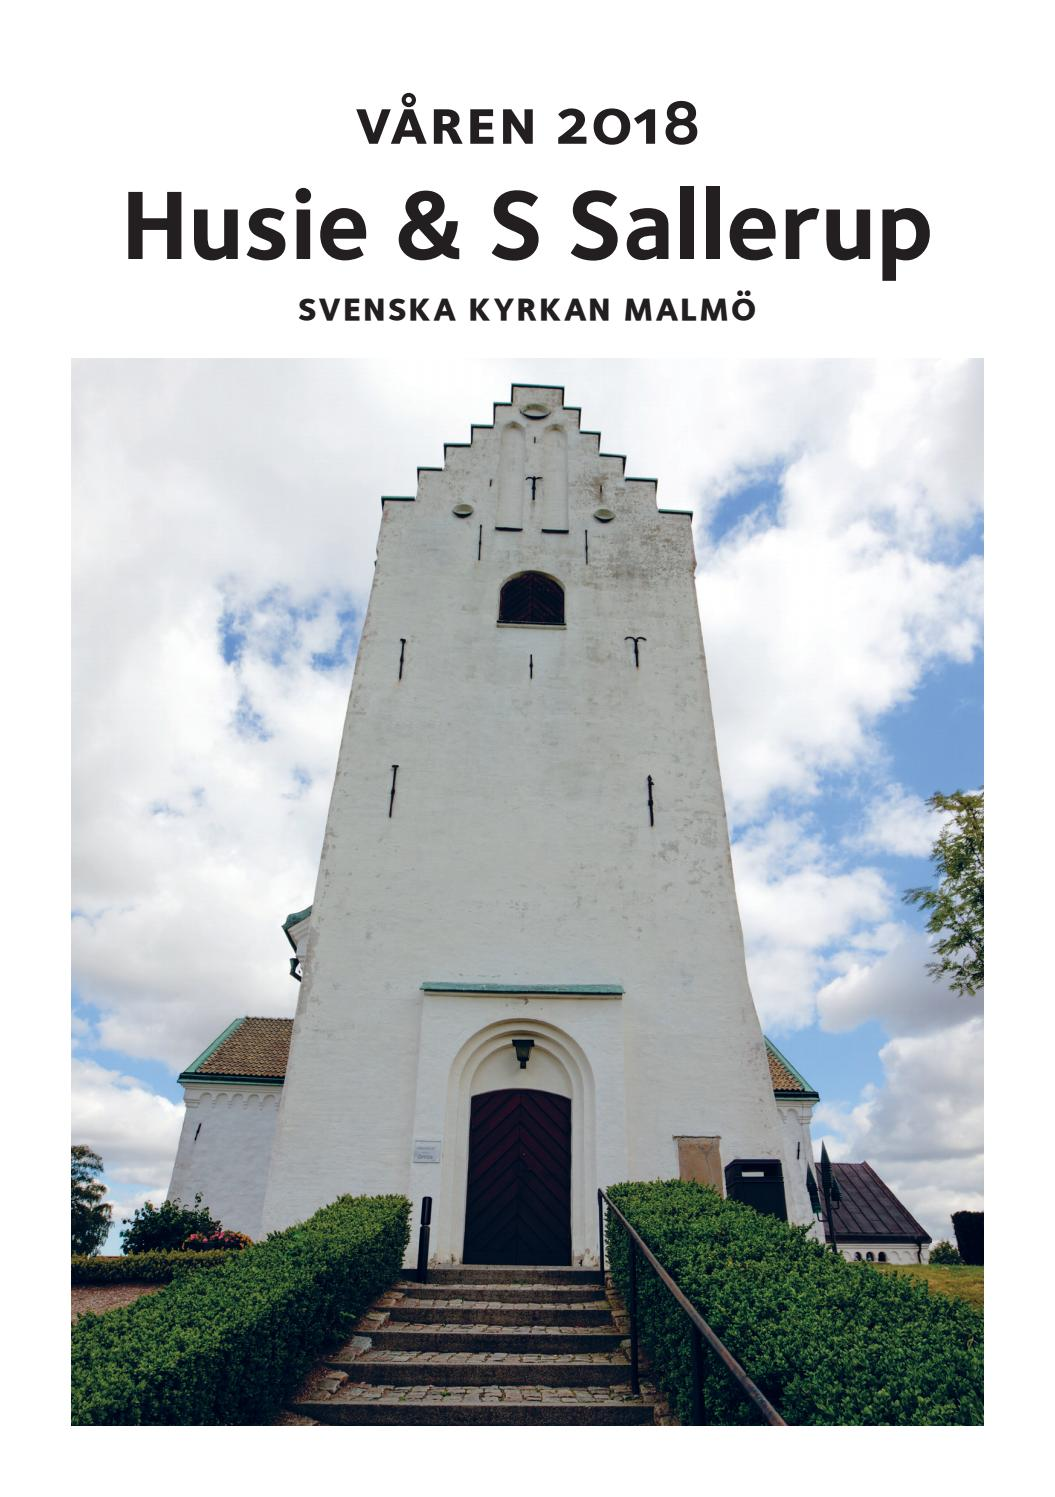 Kyrkblad Husie och Sdra Sallerups kyrkor hsten 2018 by